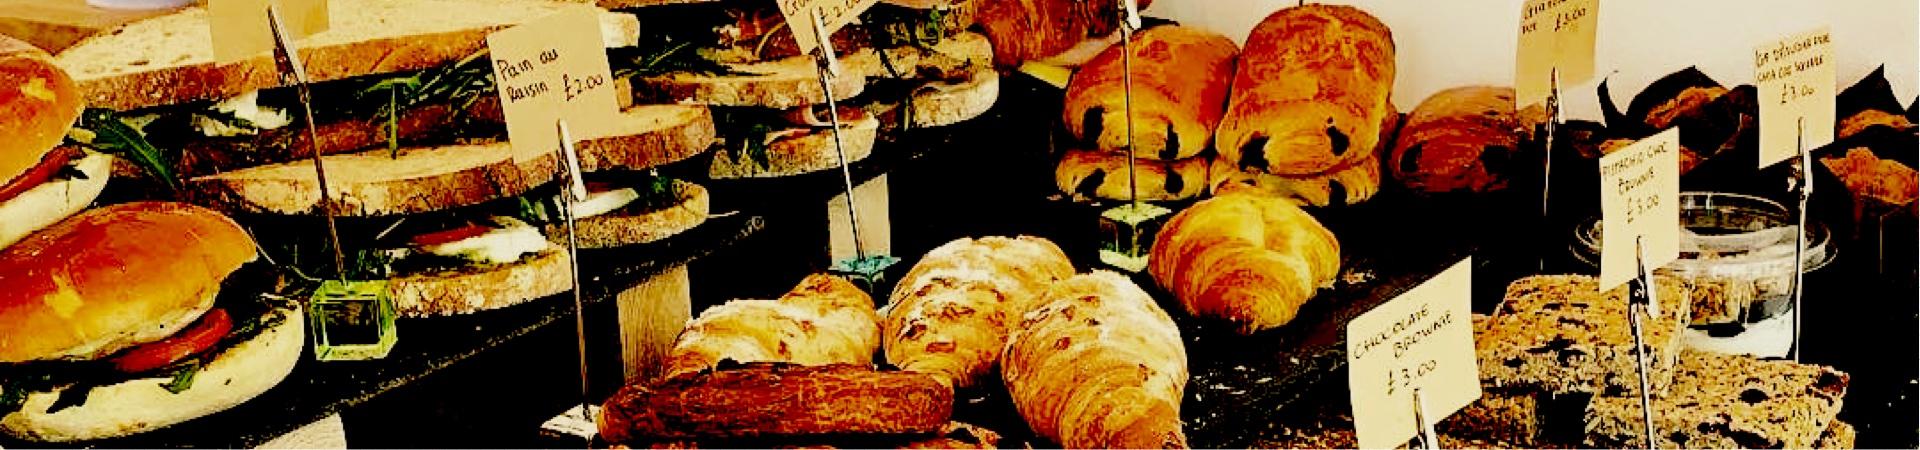 Food Gallery